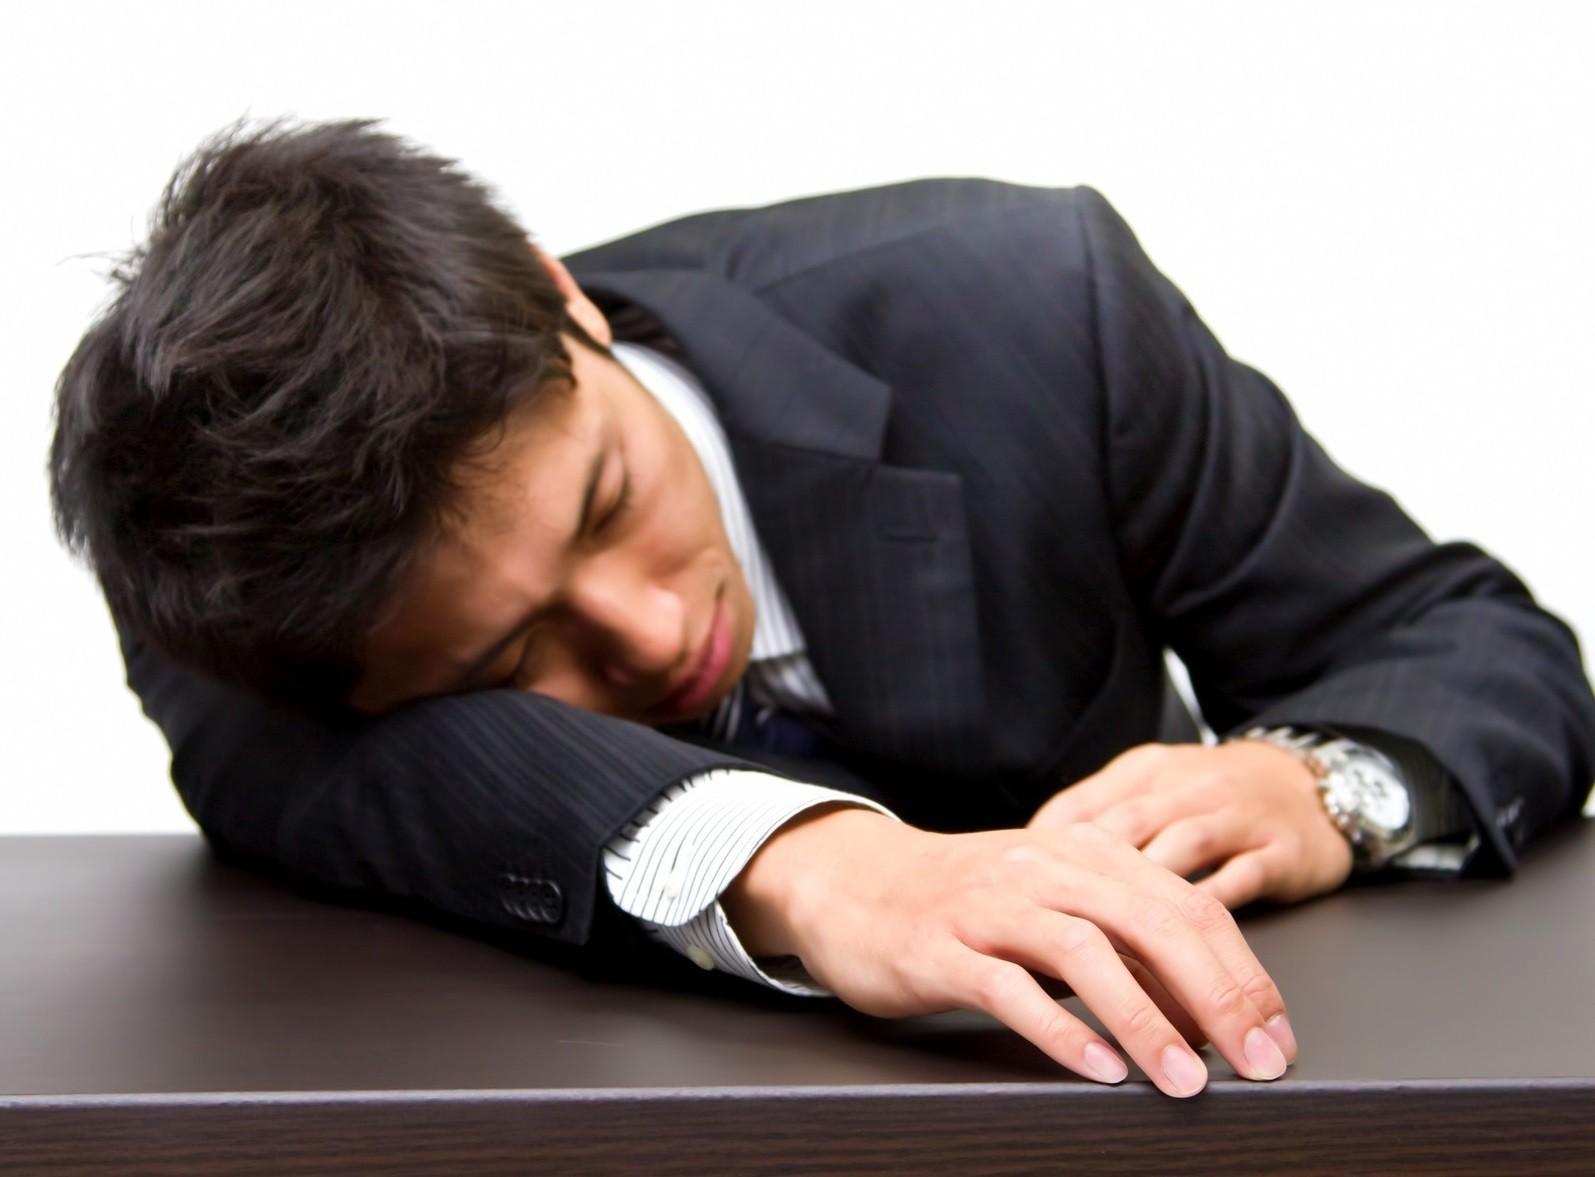 ▲▼上班族,社畜,工作,加班,疲勞,過勞,累,睡覺,睡眠,失眠(圖/取自免費圖庫Pakutaso)